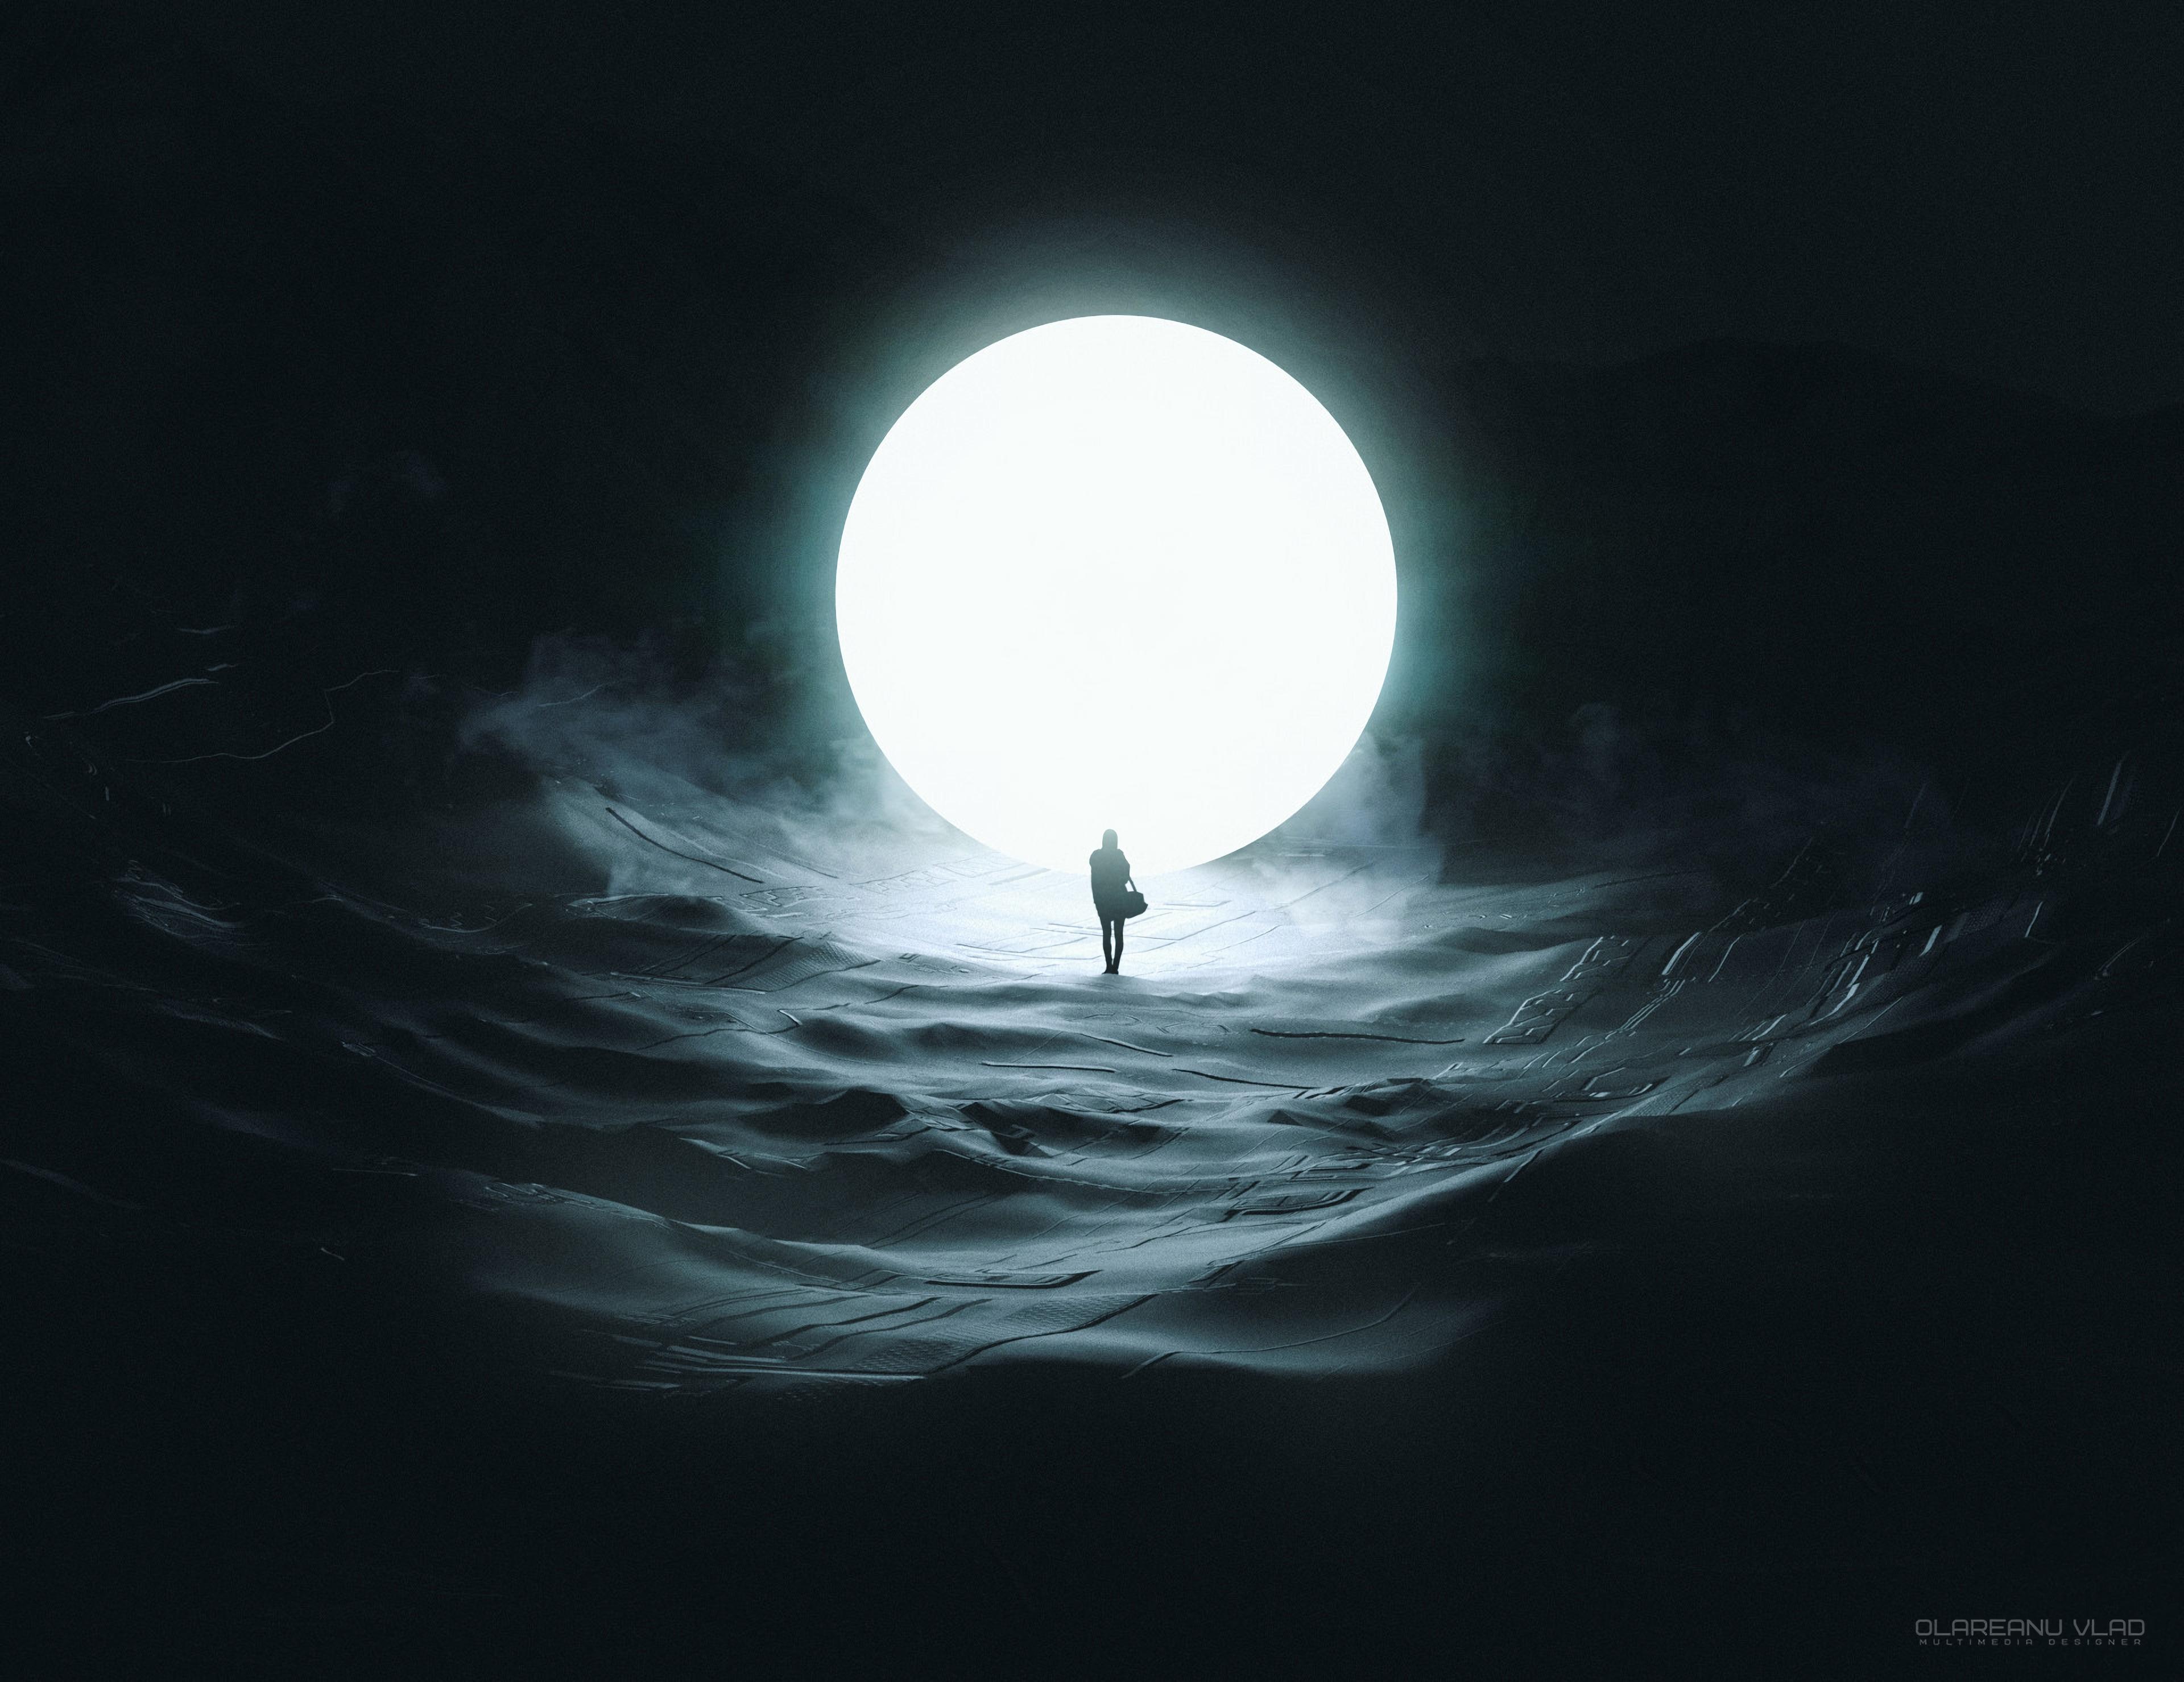 77580 скачать обои Темные, Луна, Силуэт, Шар, Свечение, Темнота - заставки и картинки бесплатно